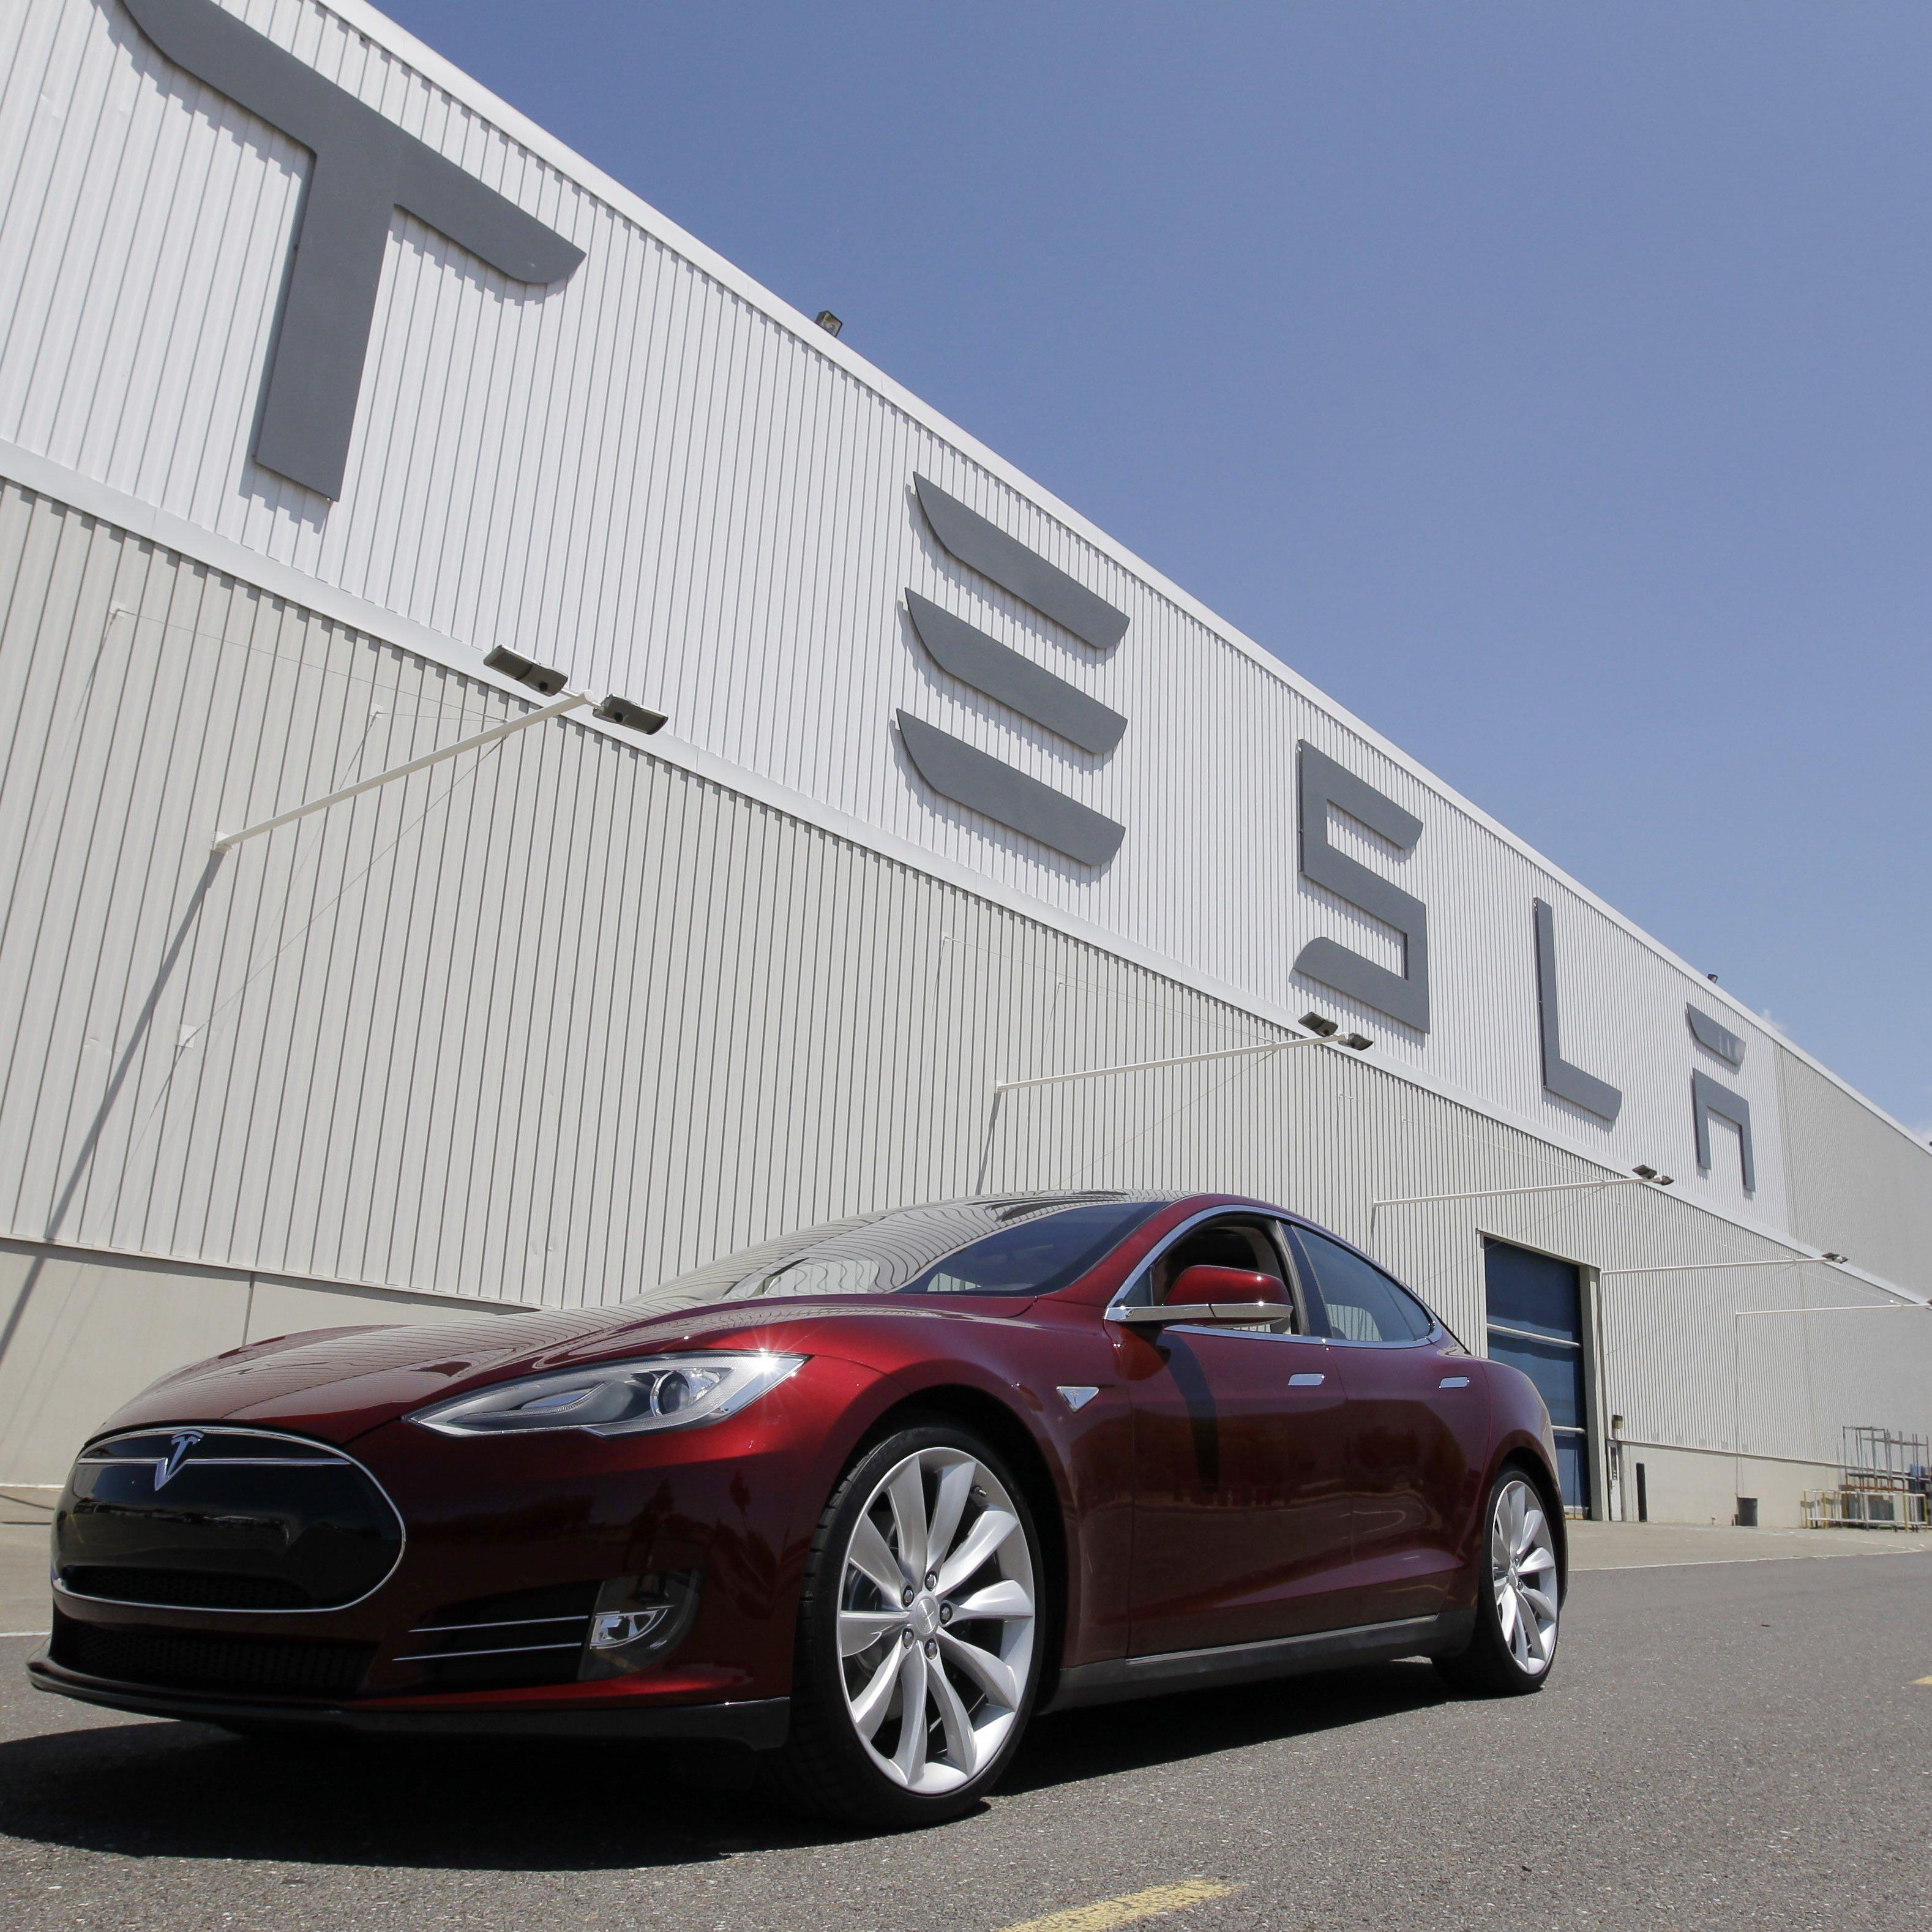 Tesla Akkus sollen in naher Zukunft Häuser mit Strom versorgen.